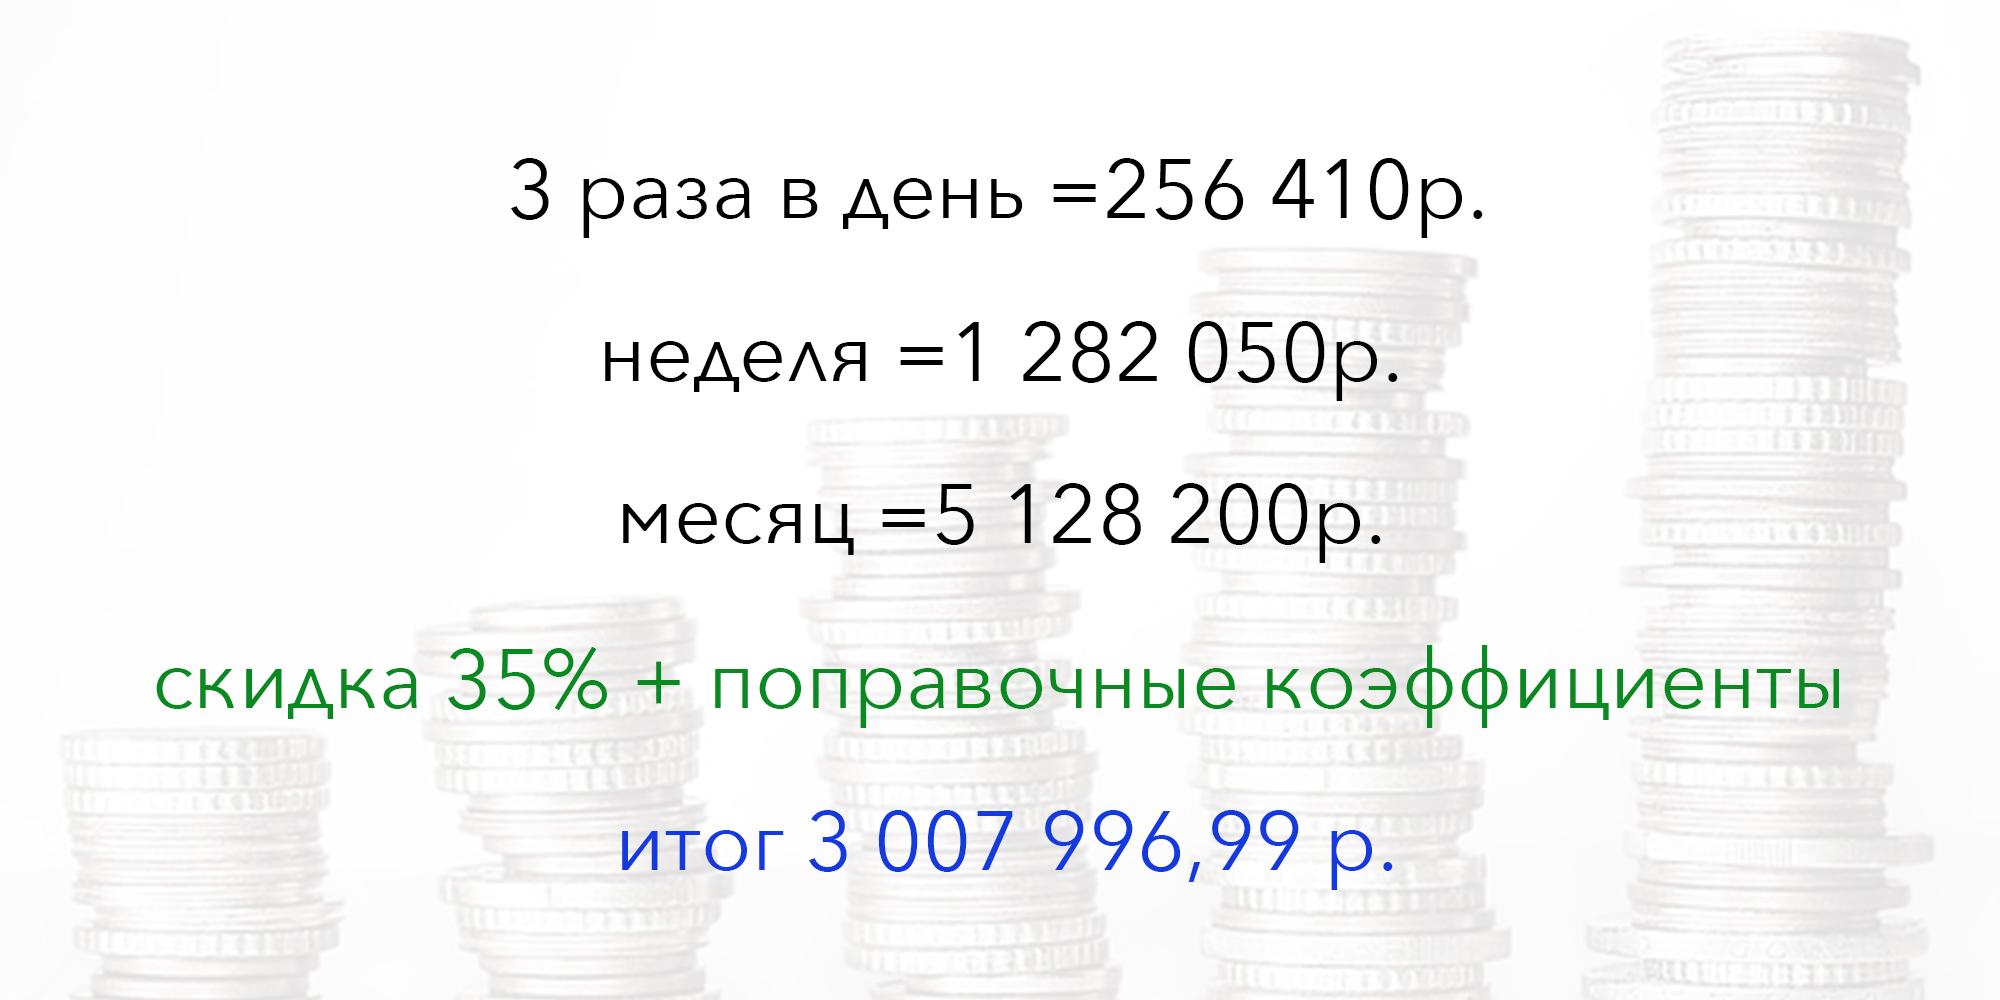 Сколько стоит реклама на радио